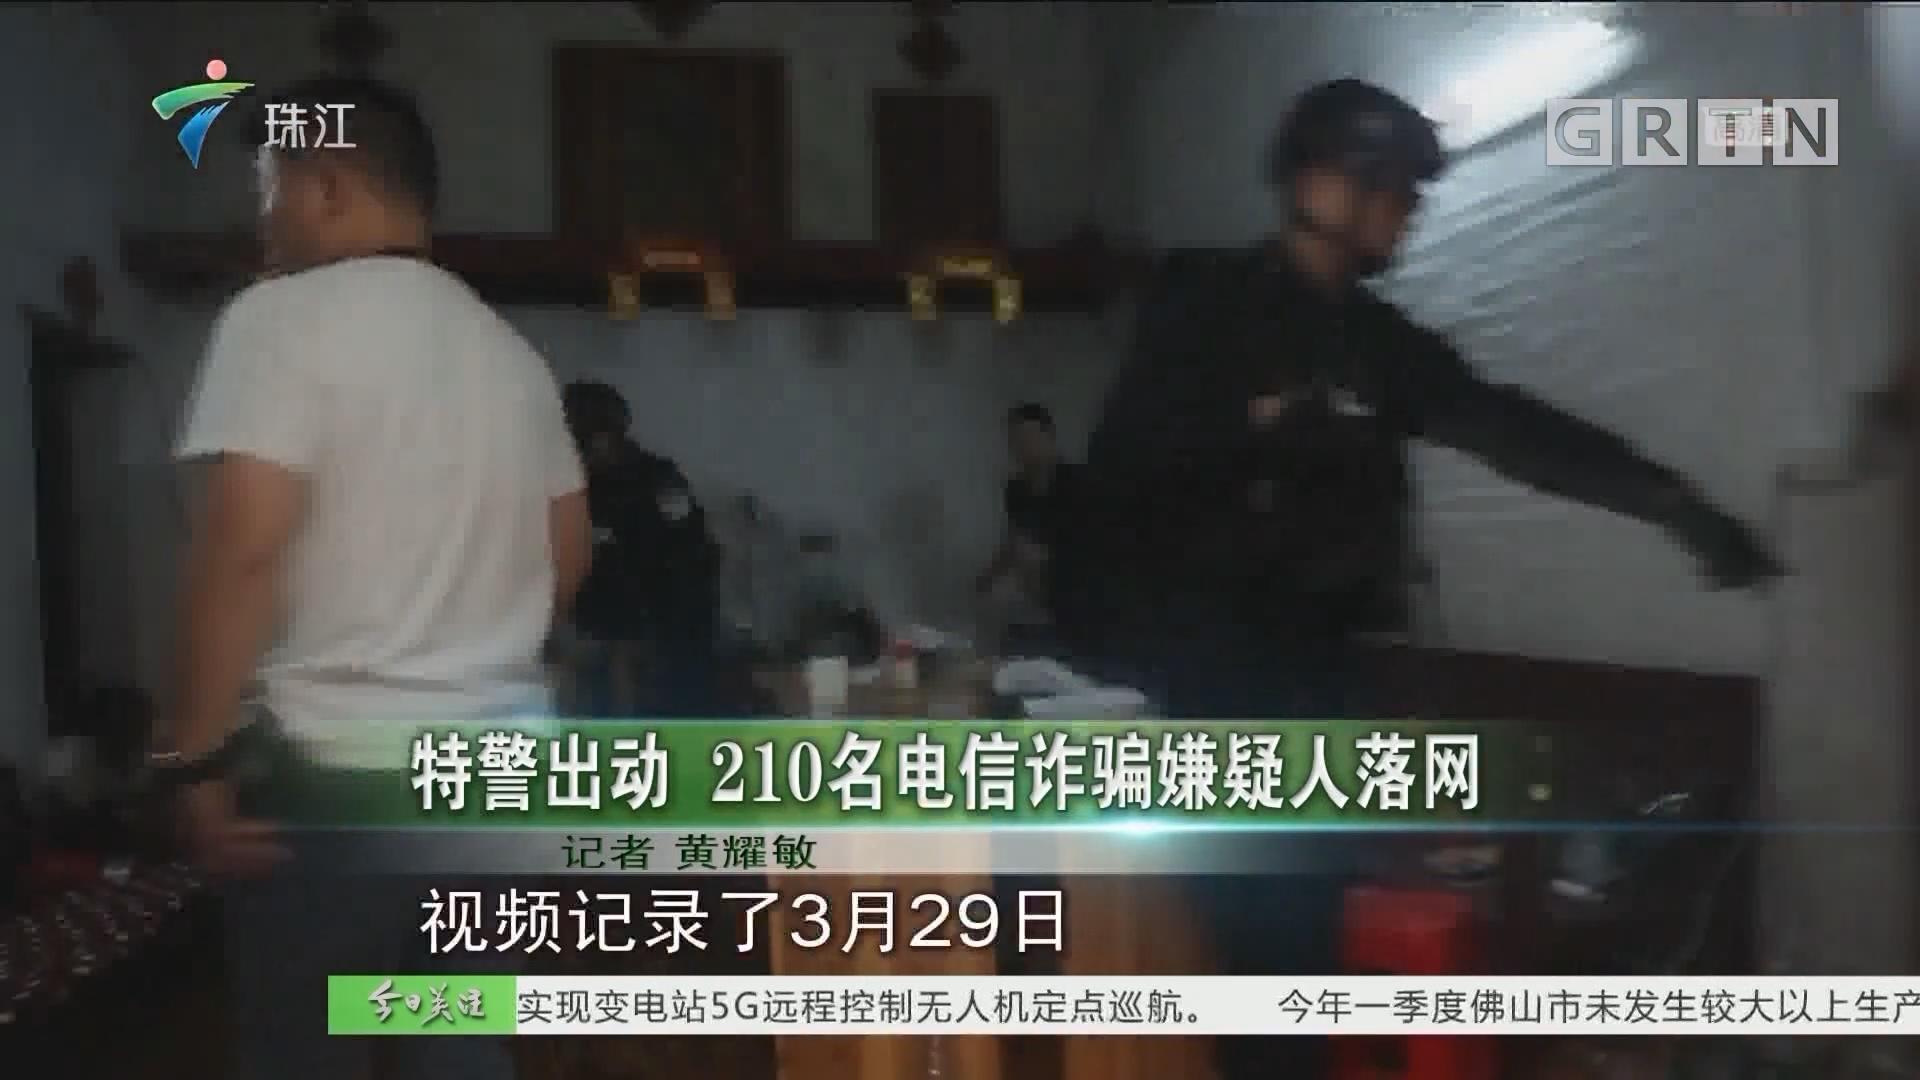 特警出动 210名电信诈骗嫌疑人落网